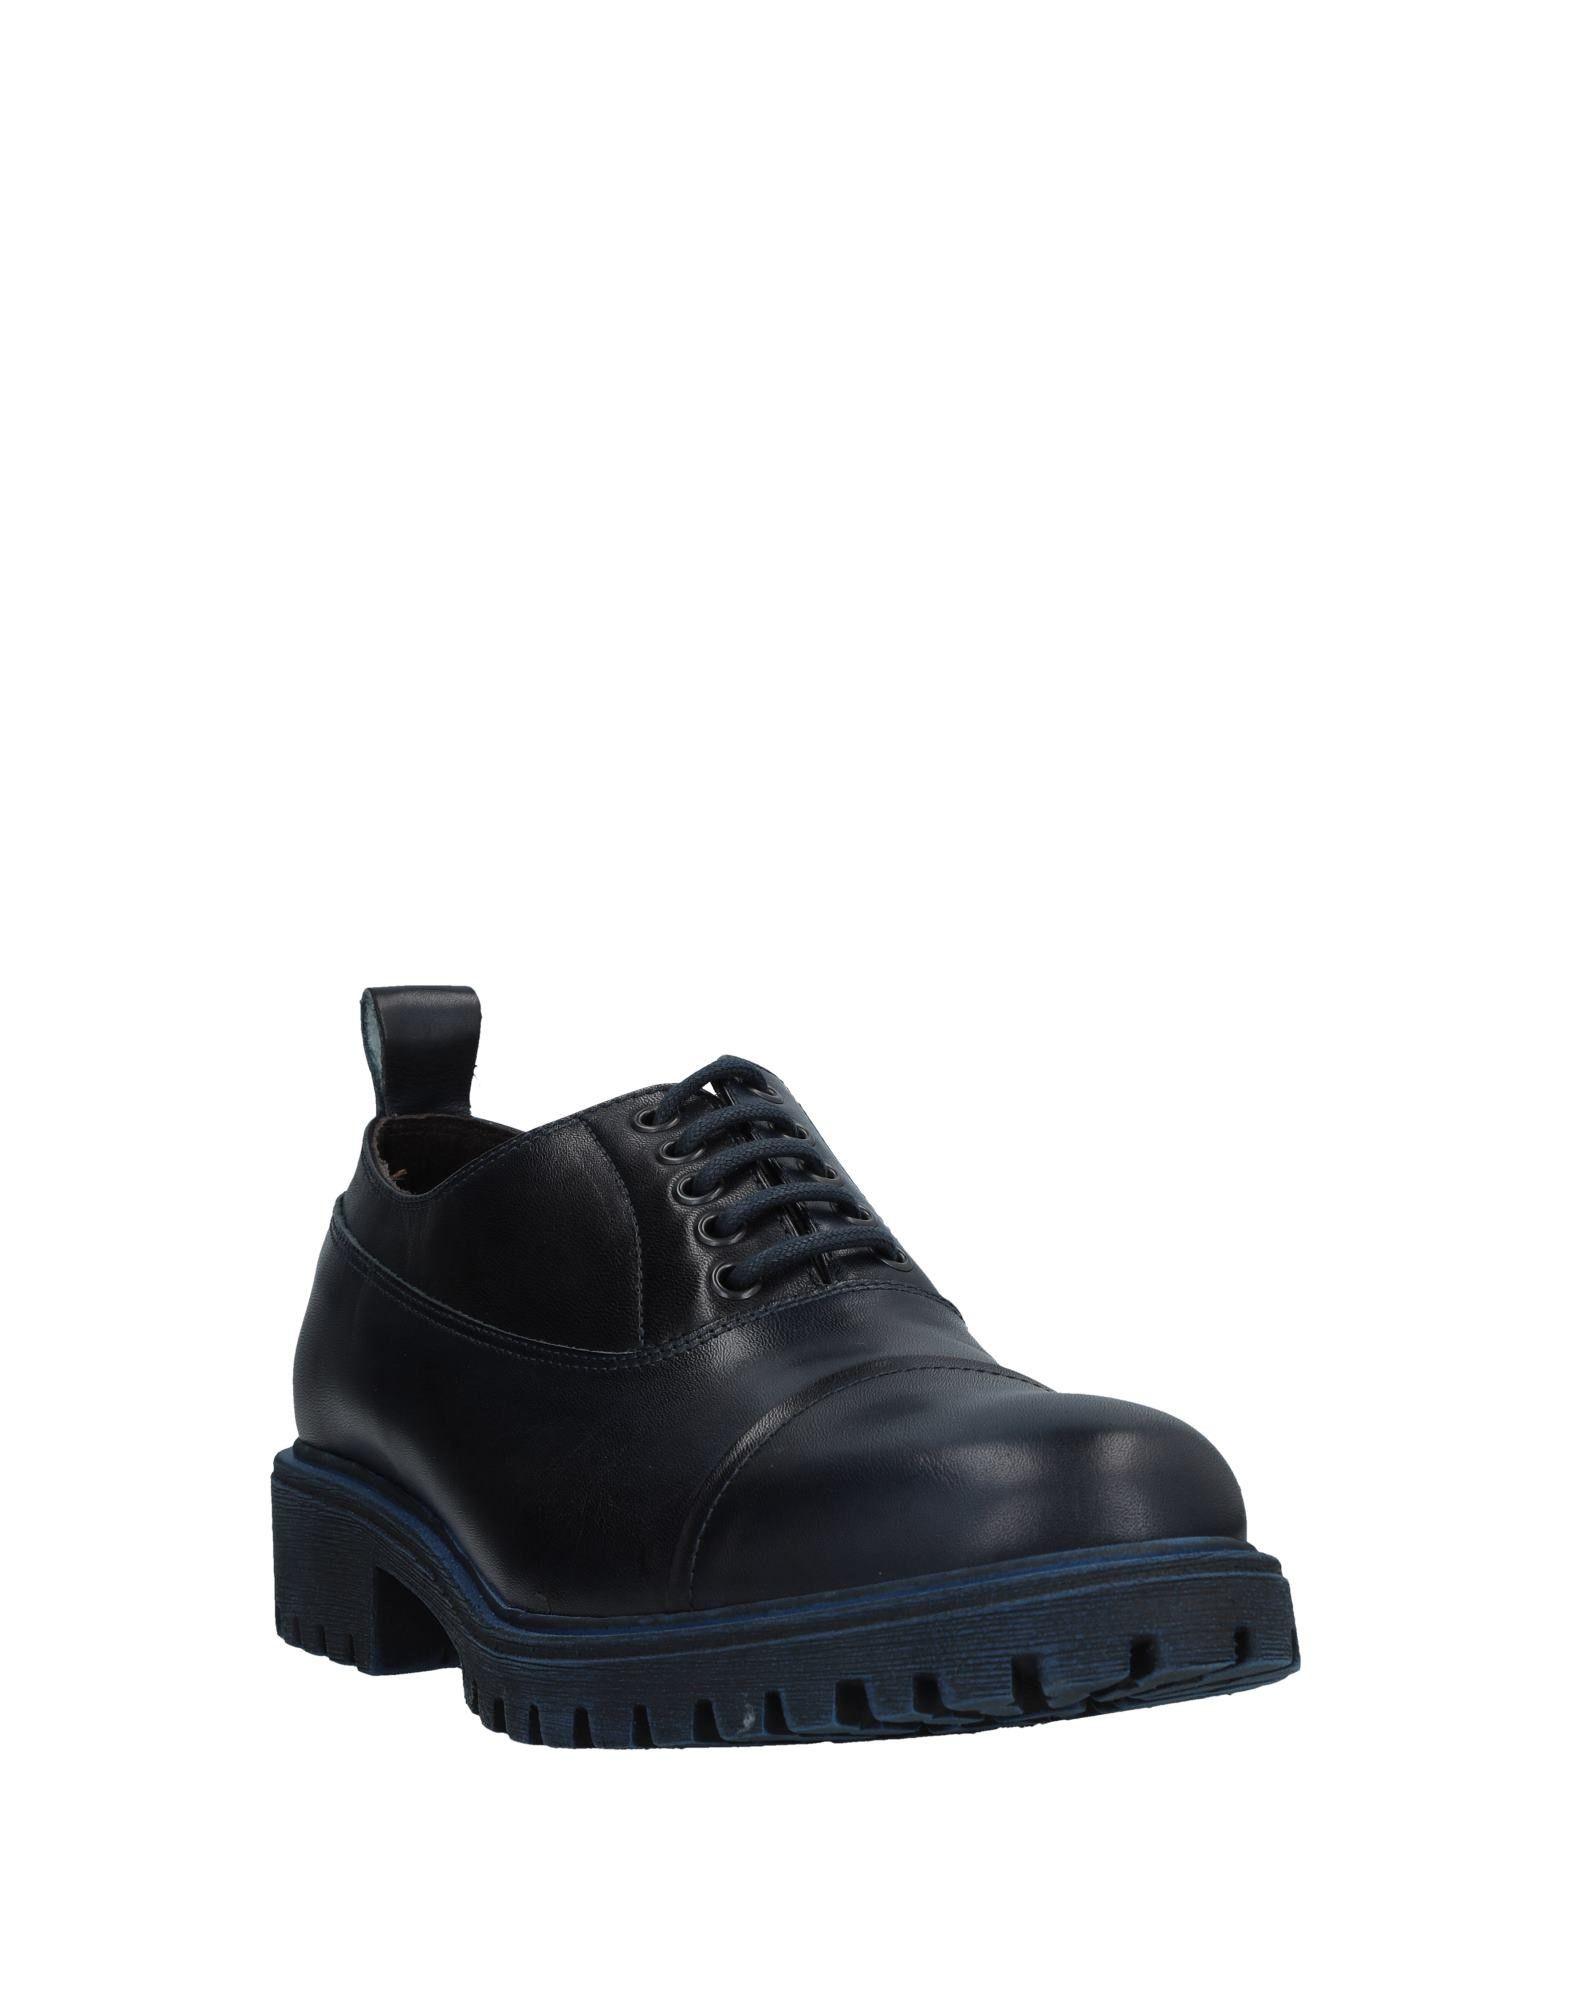 Rabatt Schuhe echte Schuhe Rabatt Brawn's Schnürschuhe Herren  11528798PP c2391c